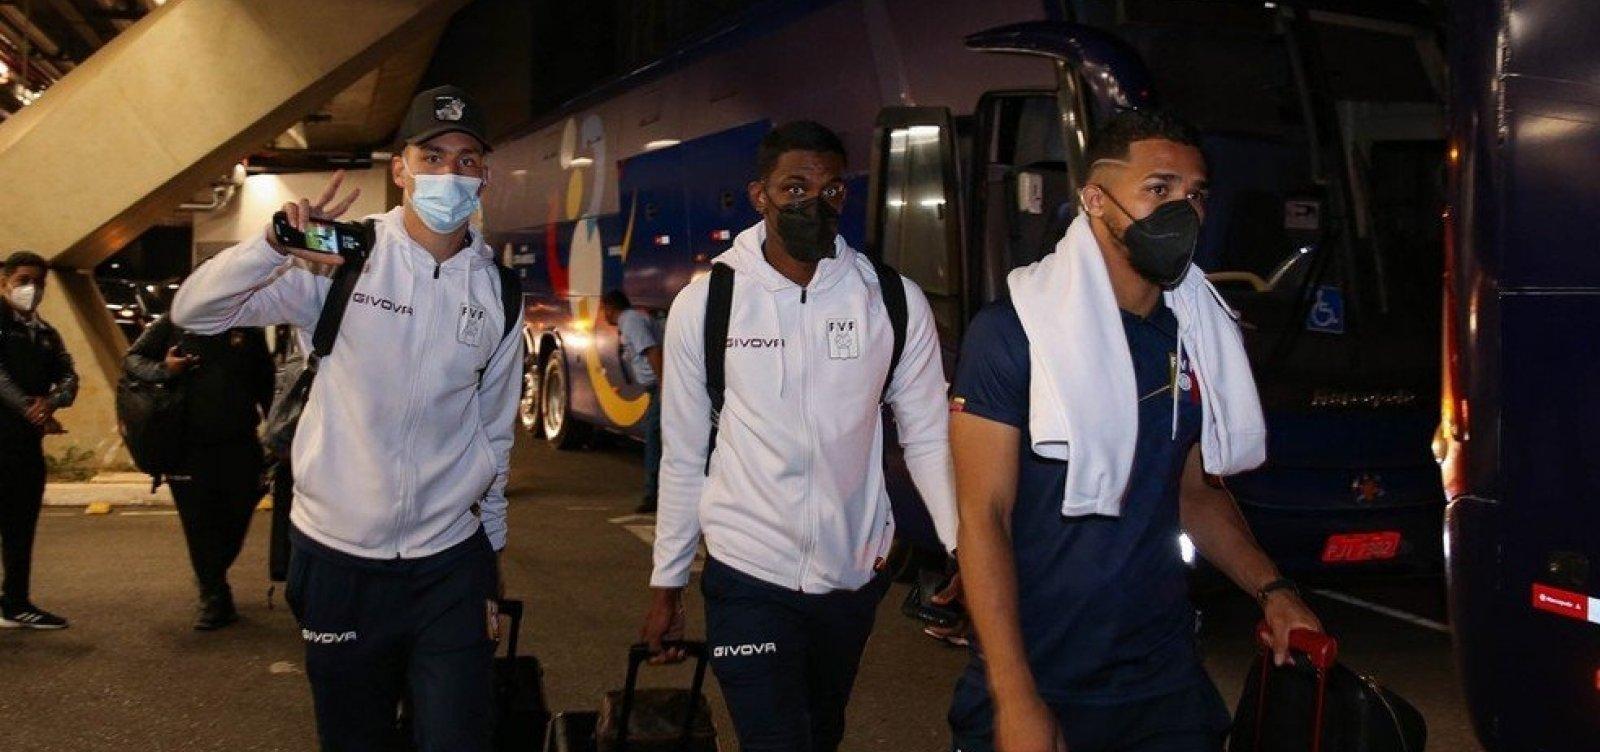 Copa América: sobe para 12 o número de infectados com Covid-19 na seleção da Venezuela